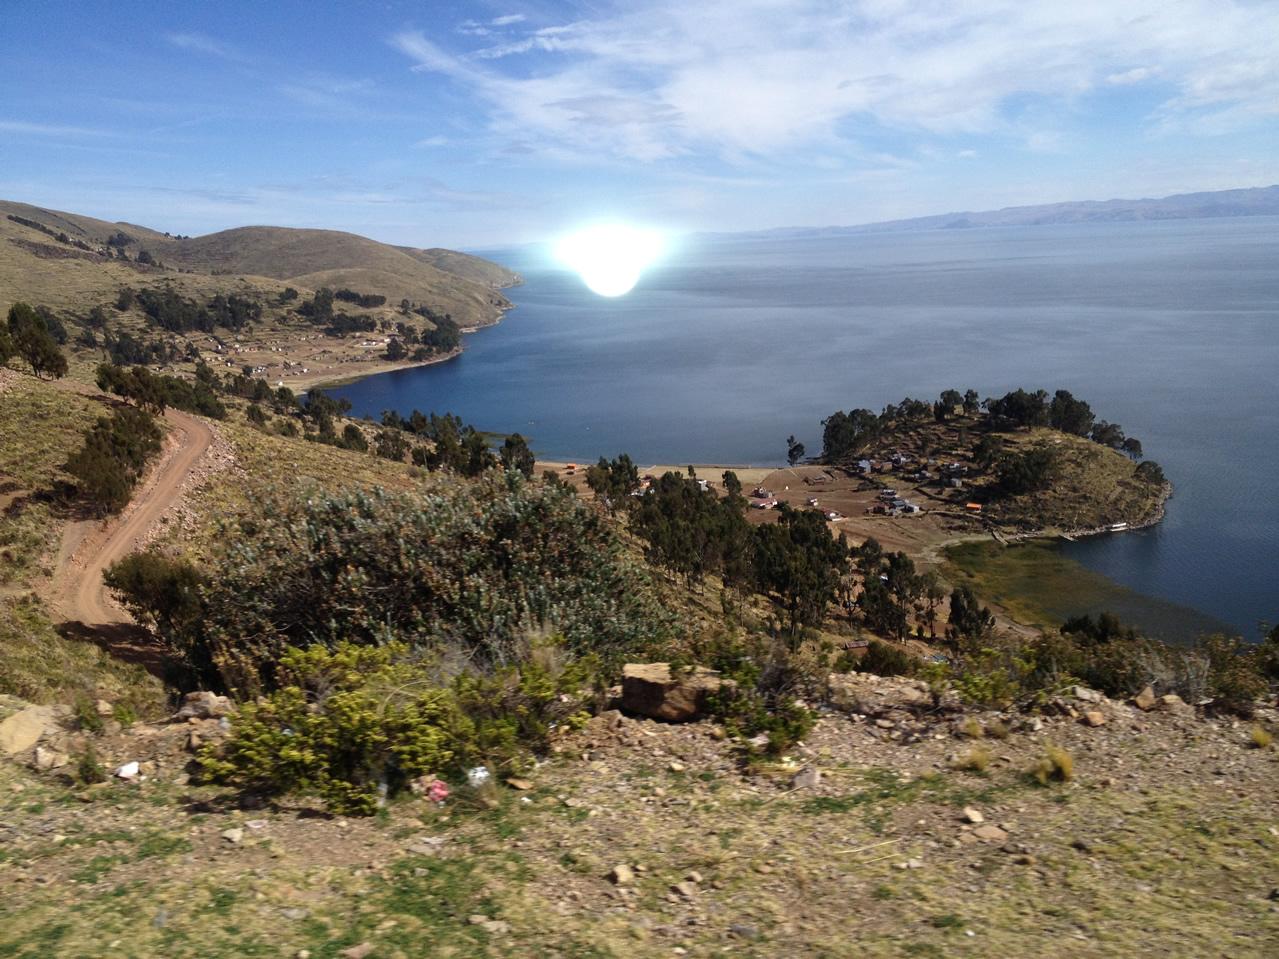 Anomalía fotografiada en el lago Titicaca. Existe la posibilidad de que se trate del flash de la cámara reflejado en el vidrio de la ventana.